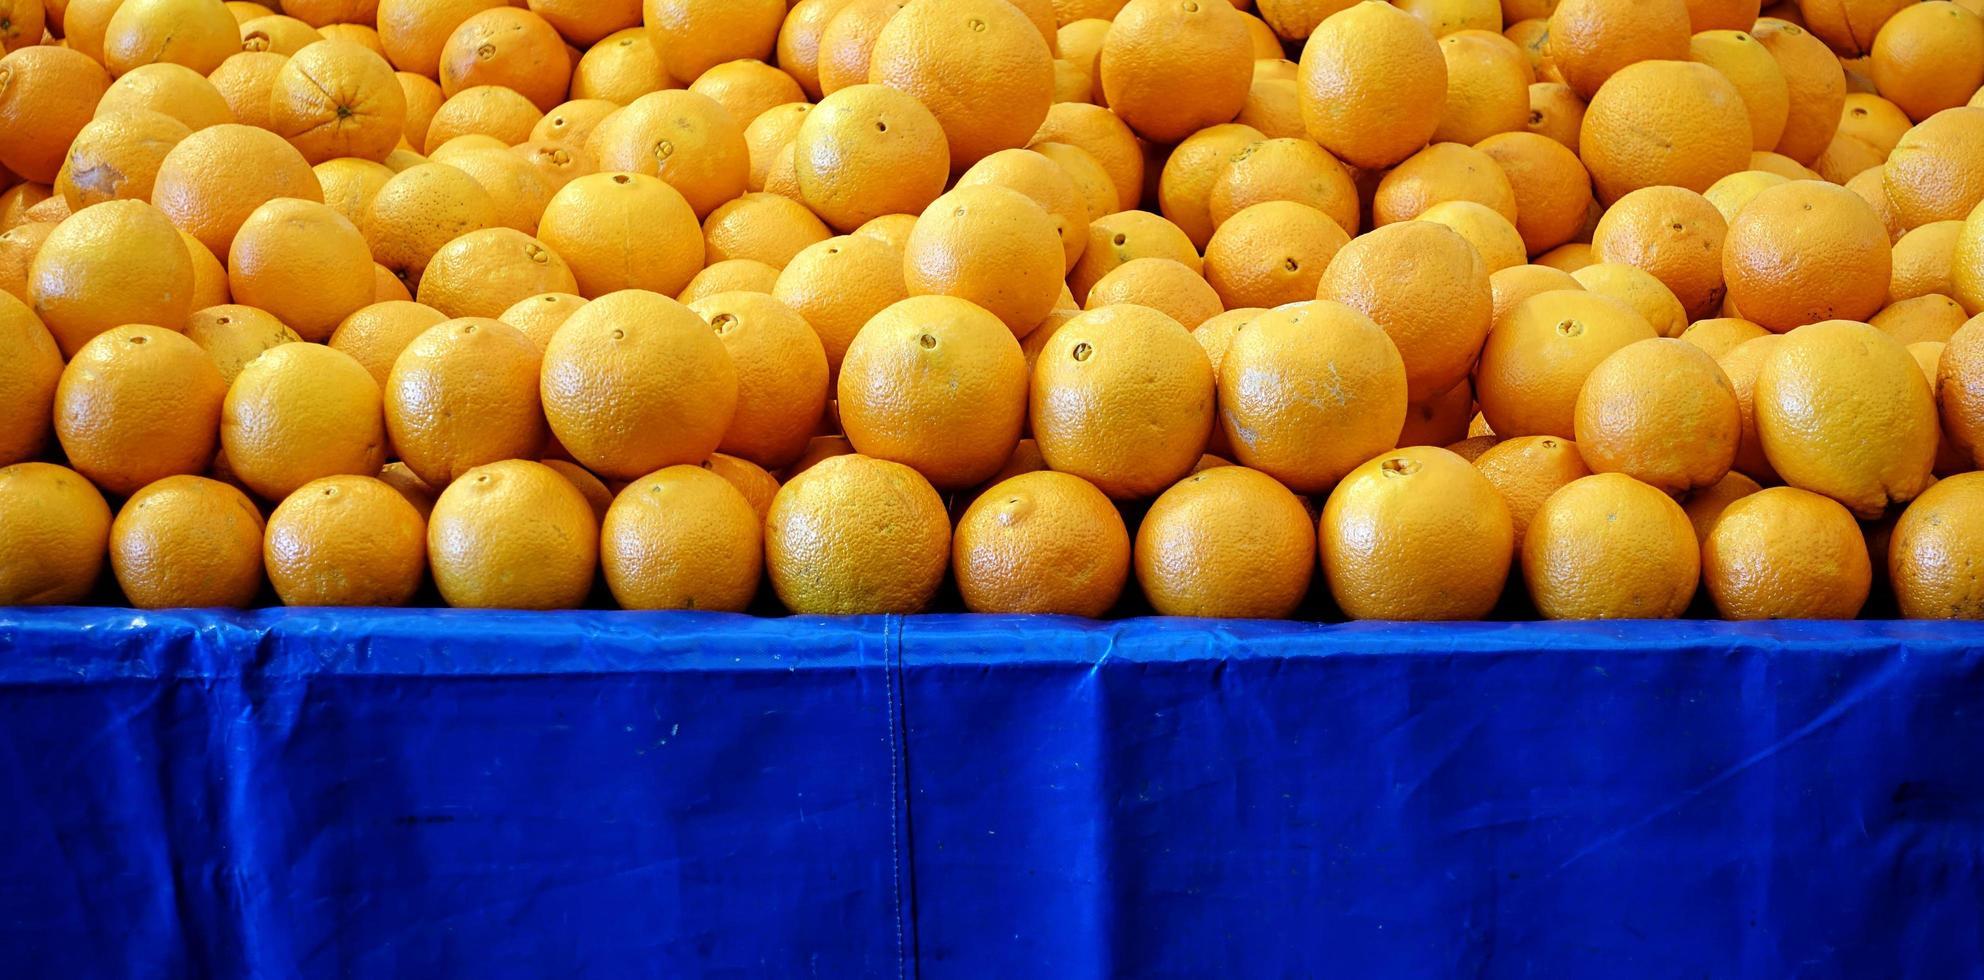 fruta fresca y jugosa naranja foto